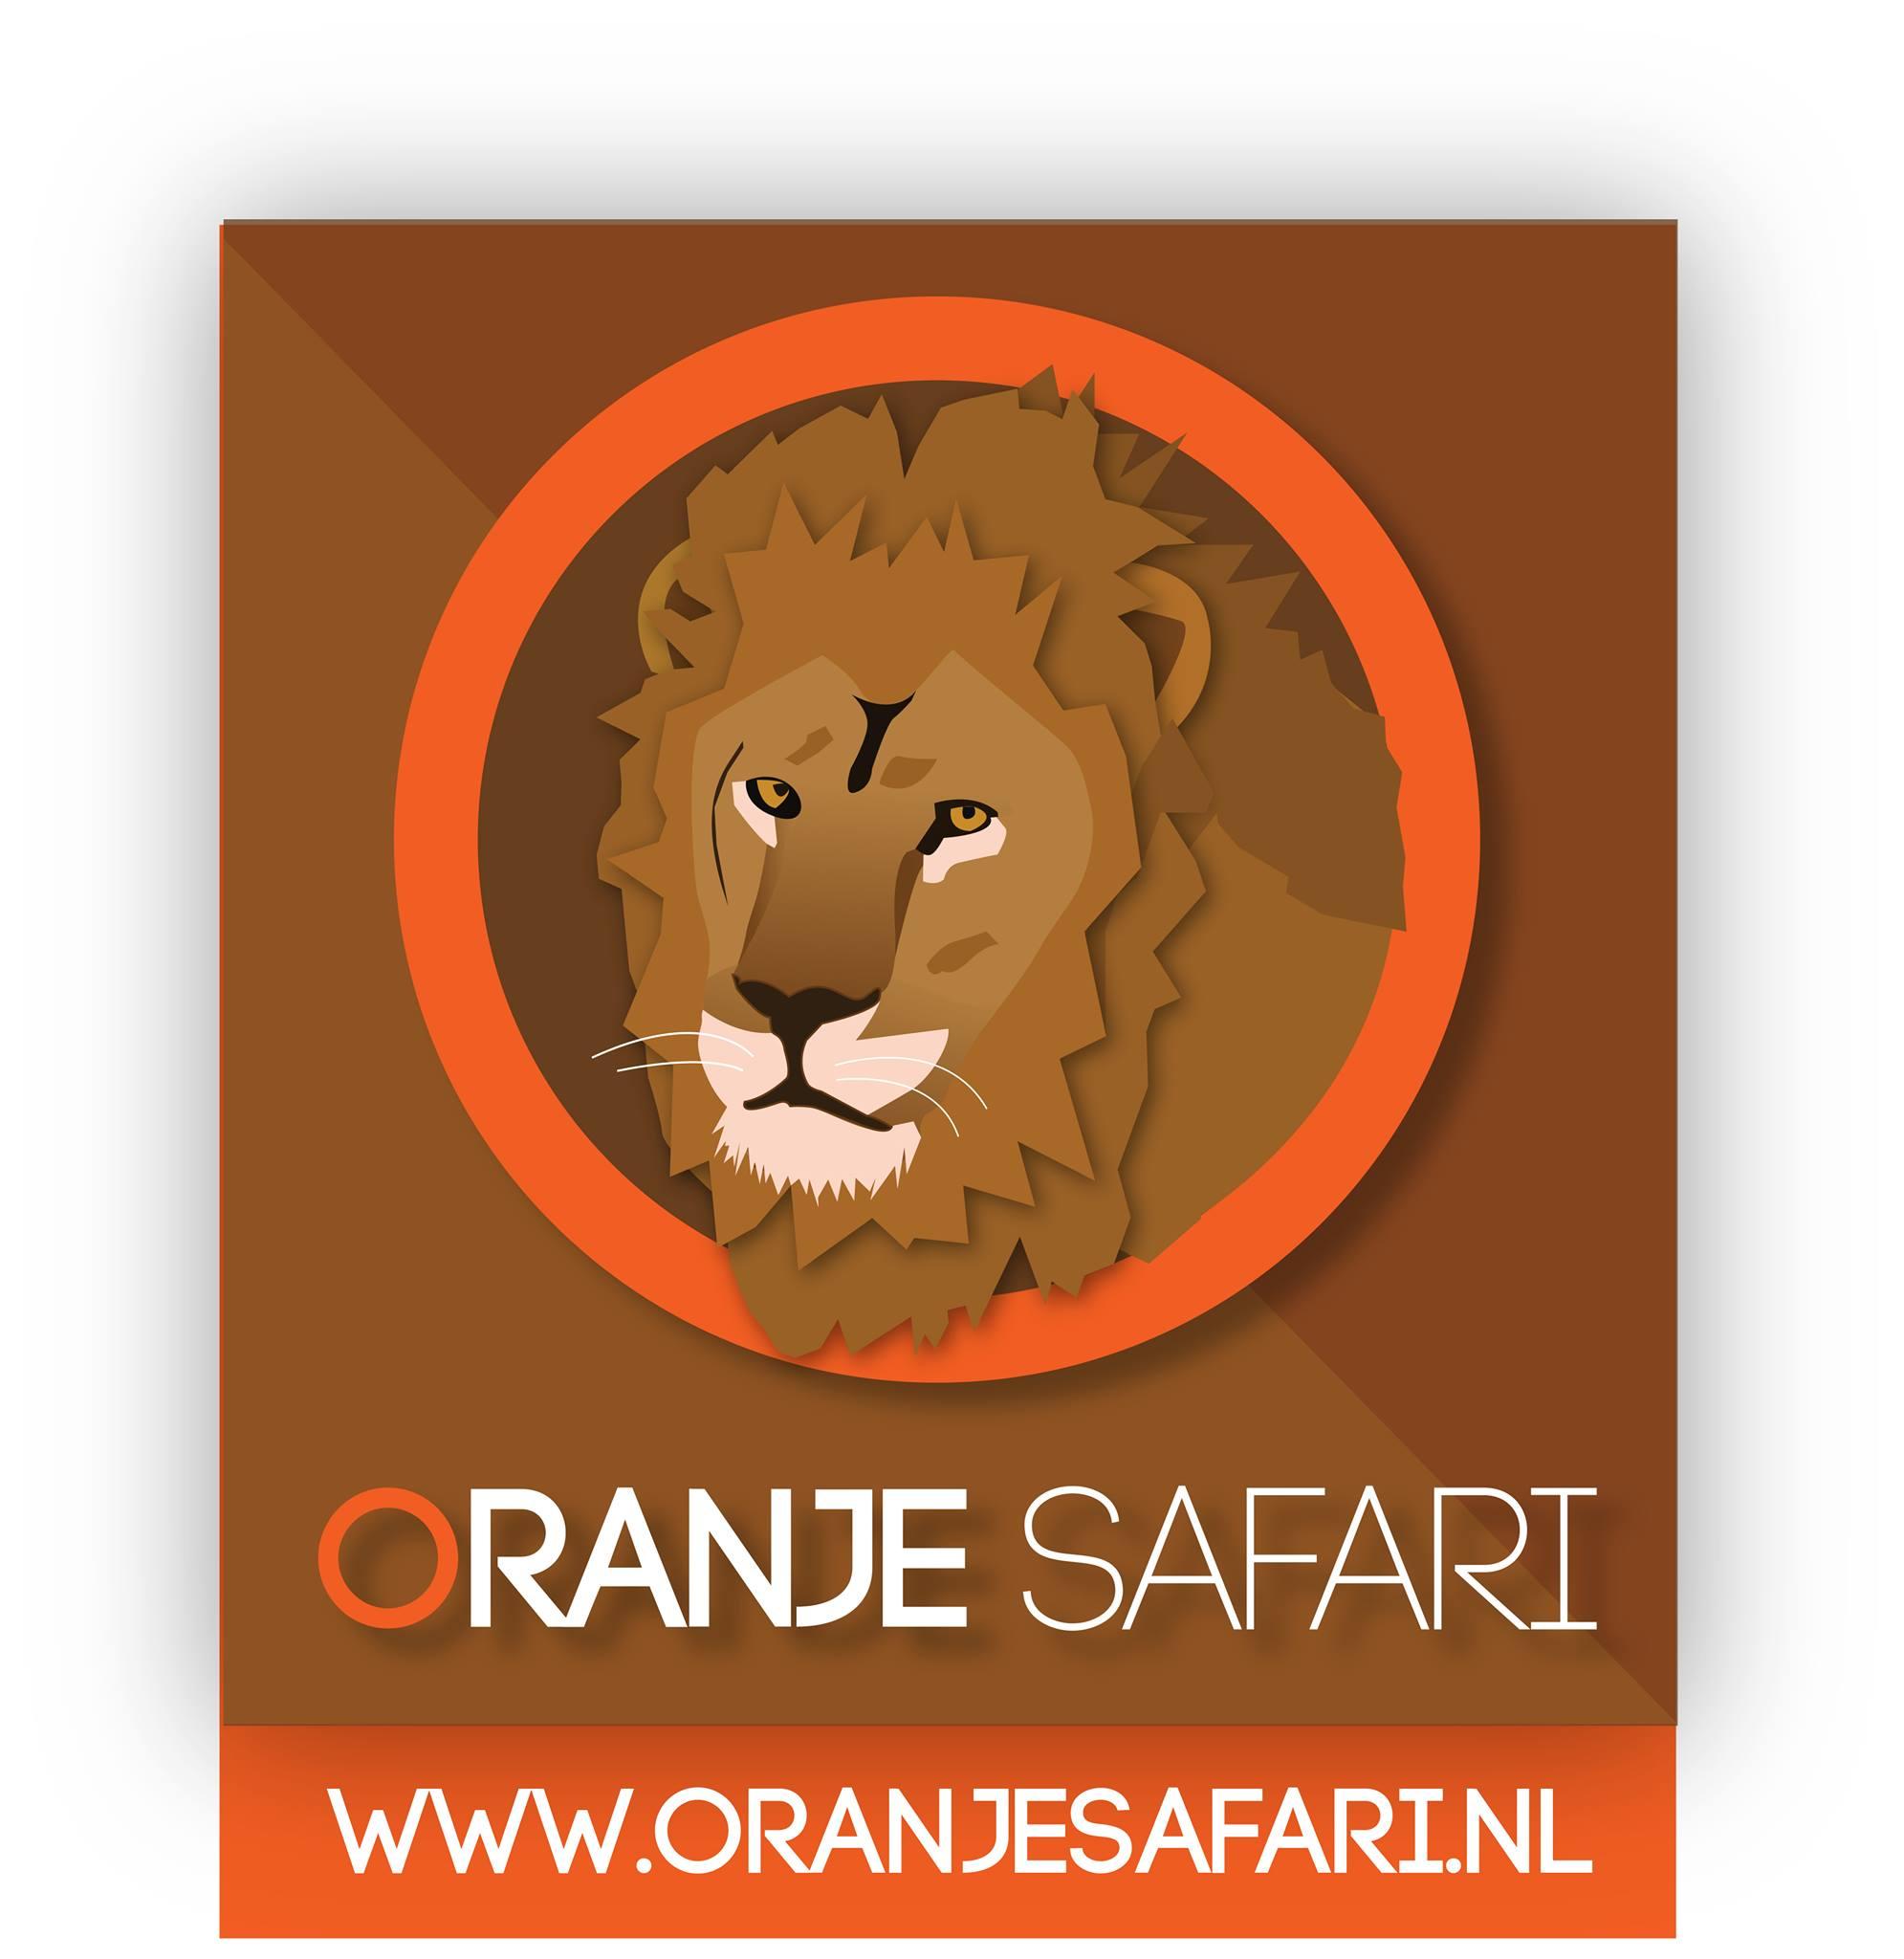 Kenya Safari Tour Agency Mombasa